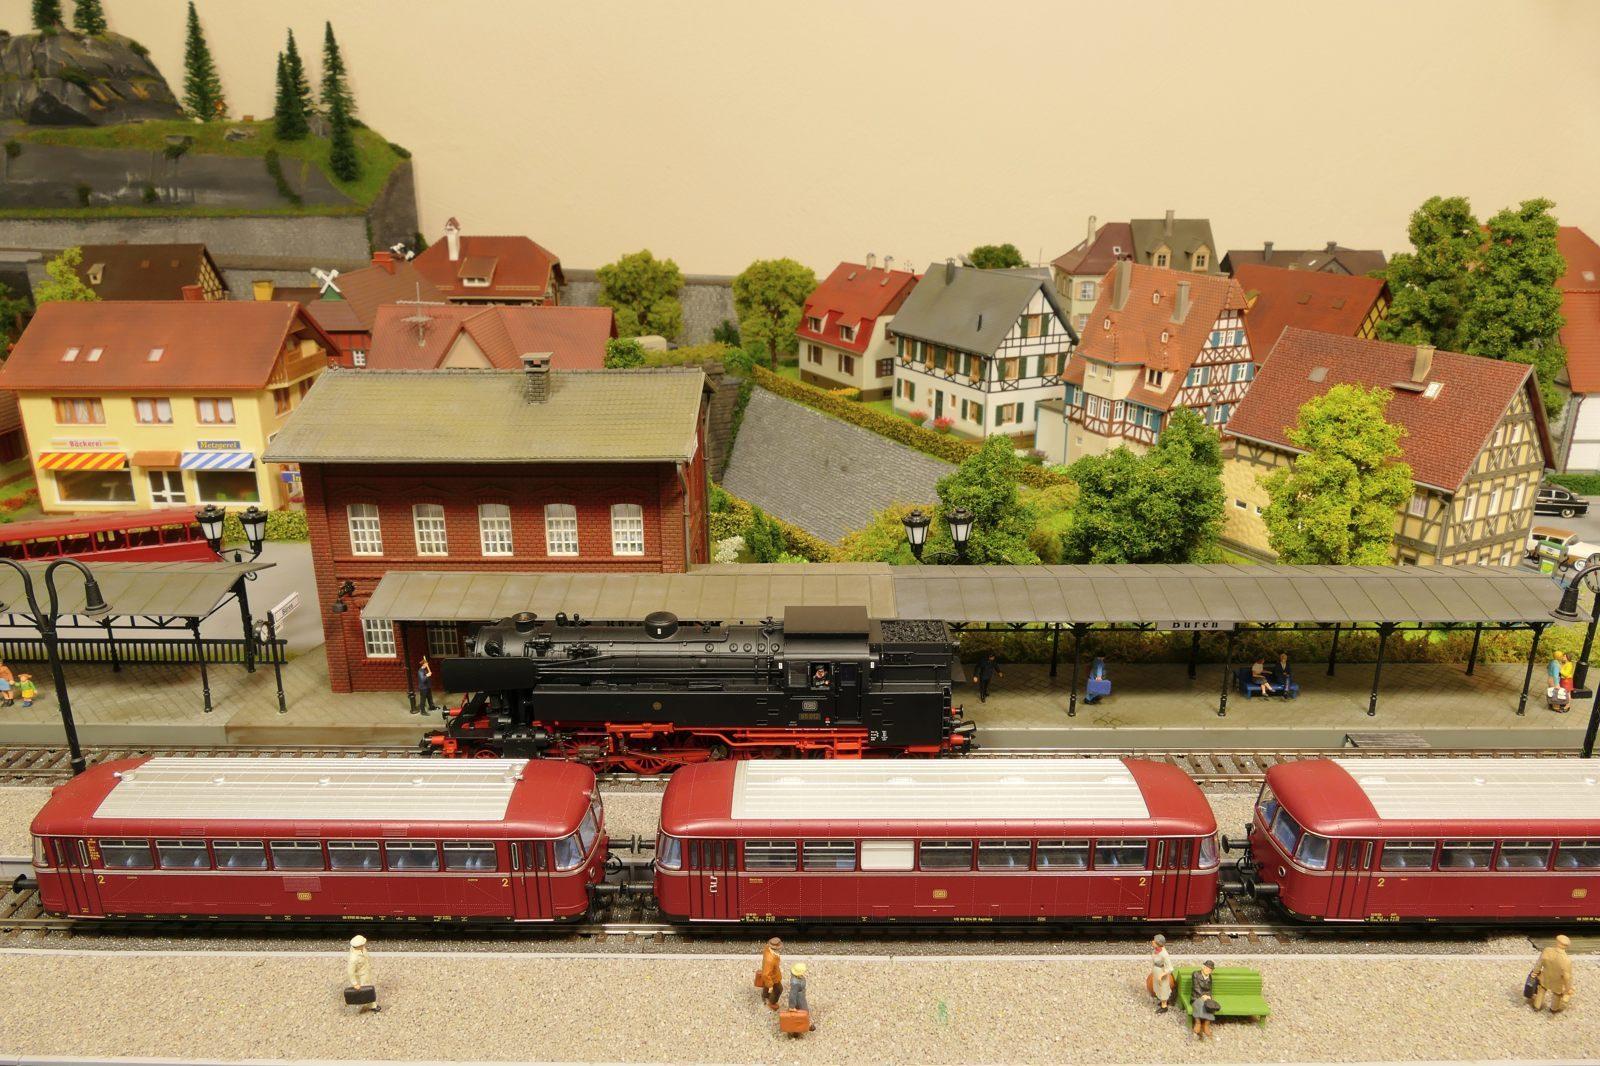 Der Bahnhof Büren von oben